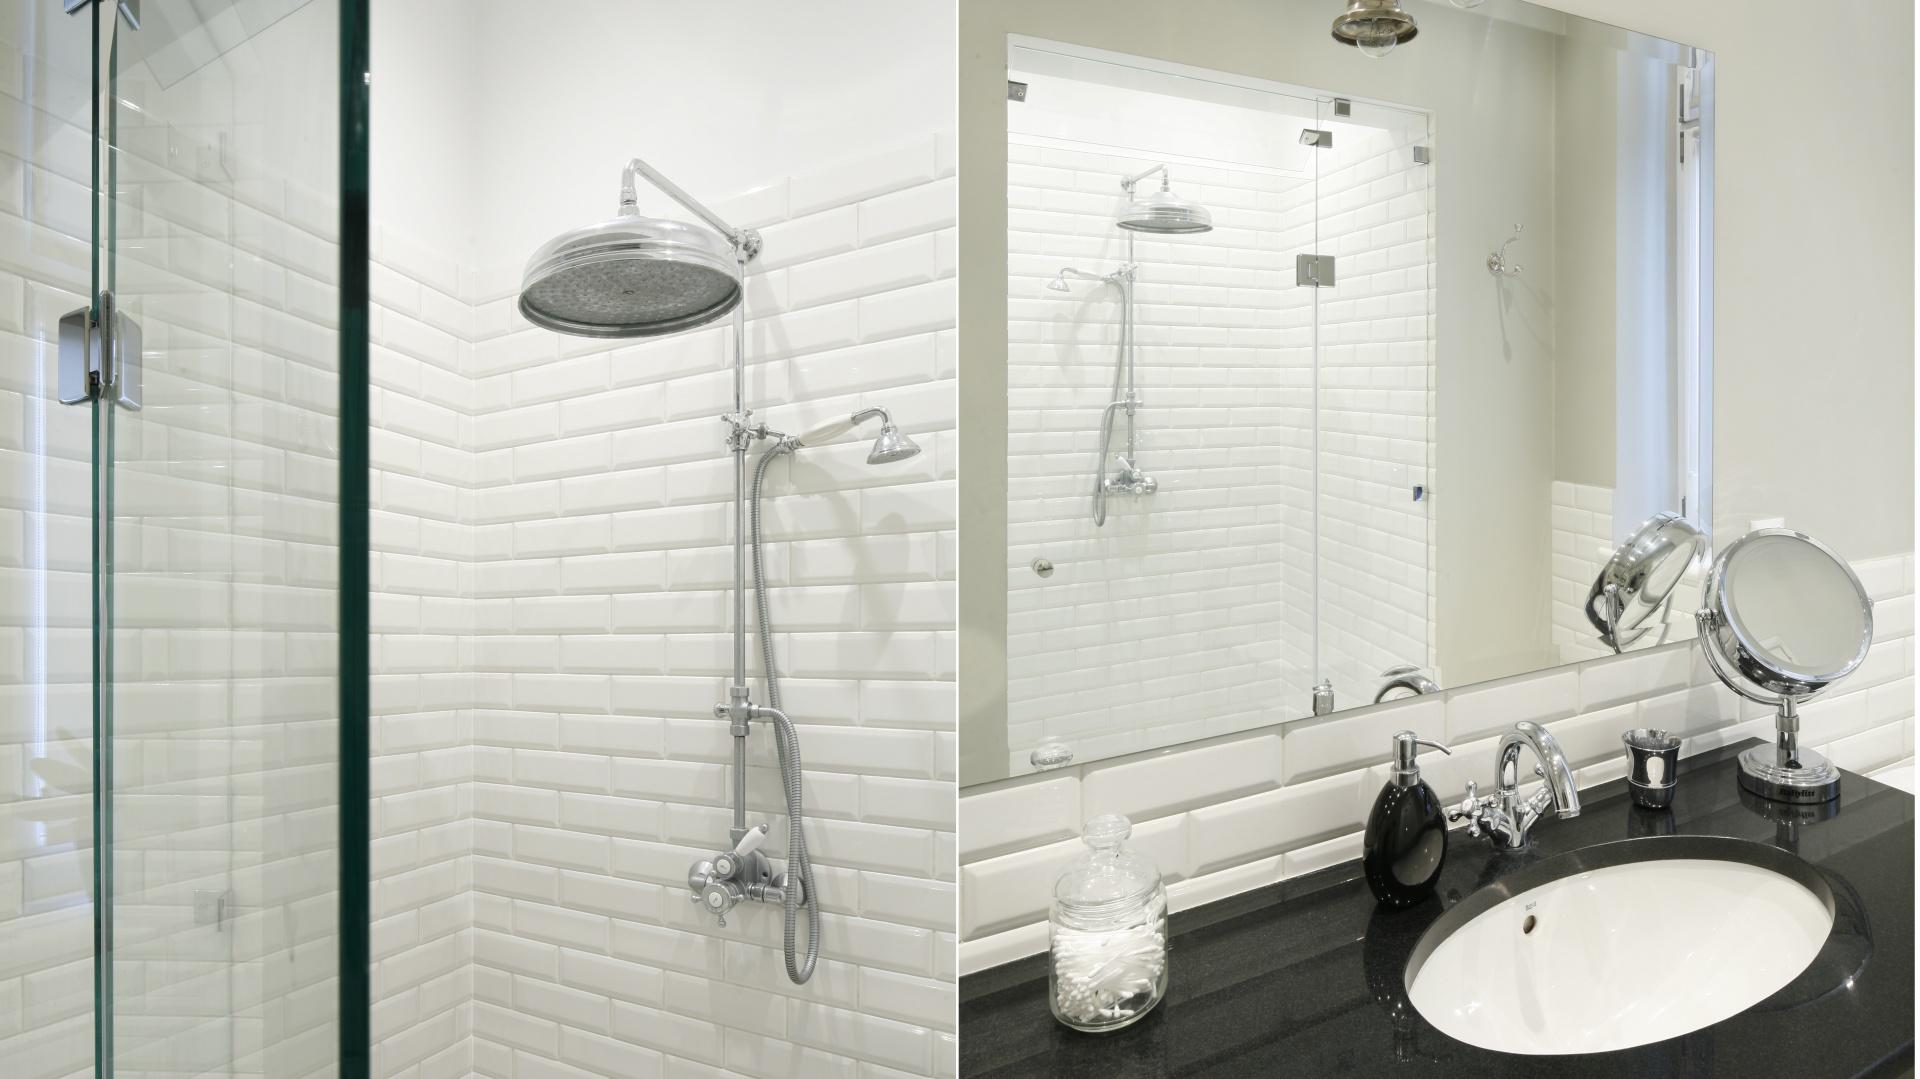 W stylowej łazience utrzymanej w klimacie retro prysznic znajduje się we wnęce na przeciwko lustra. Nietypowy kształt nie zmniejsza komfortu kąpieli, a wykonane na zamówieni drzwi dopasowano idealnie do wnęki. Projekt: Iwona Kurkowska. Fot. Bartosz Jarosz.